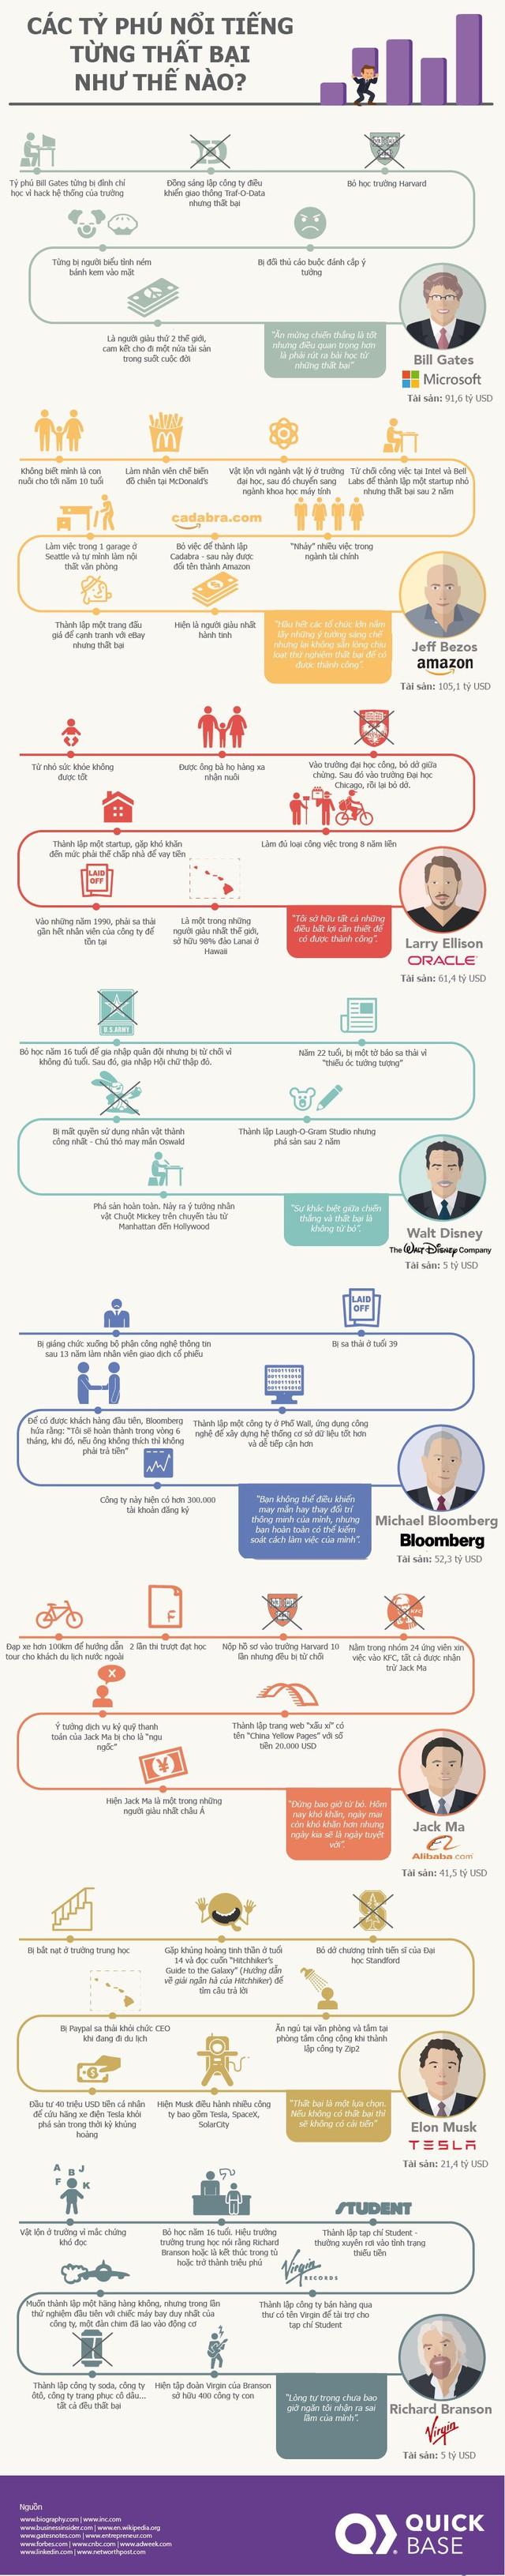 [Infographic] Các tỷ phú nổi tiếng thế giới từng thất bại như thế nào? - Ảnh 1.